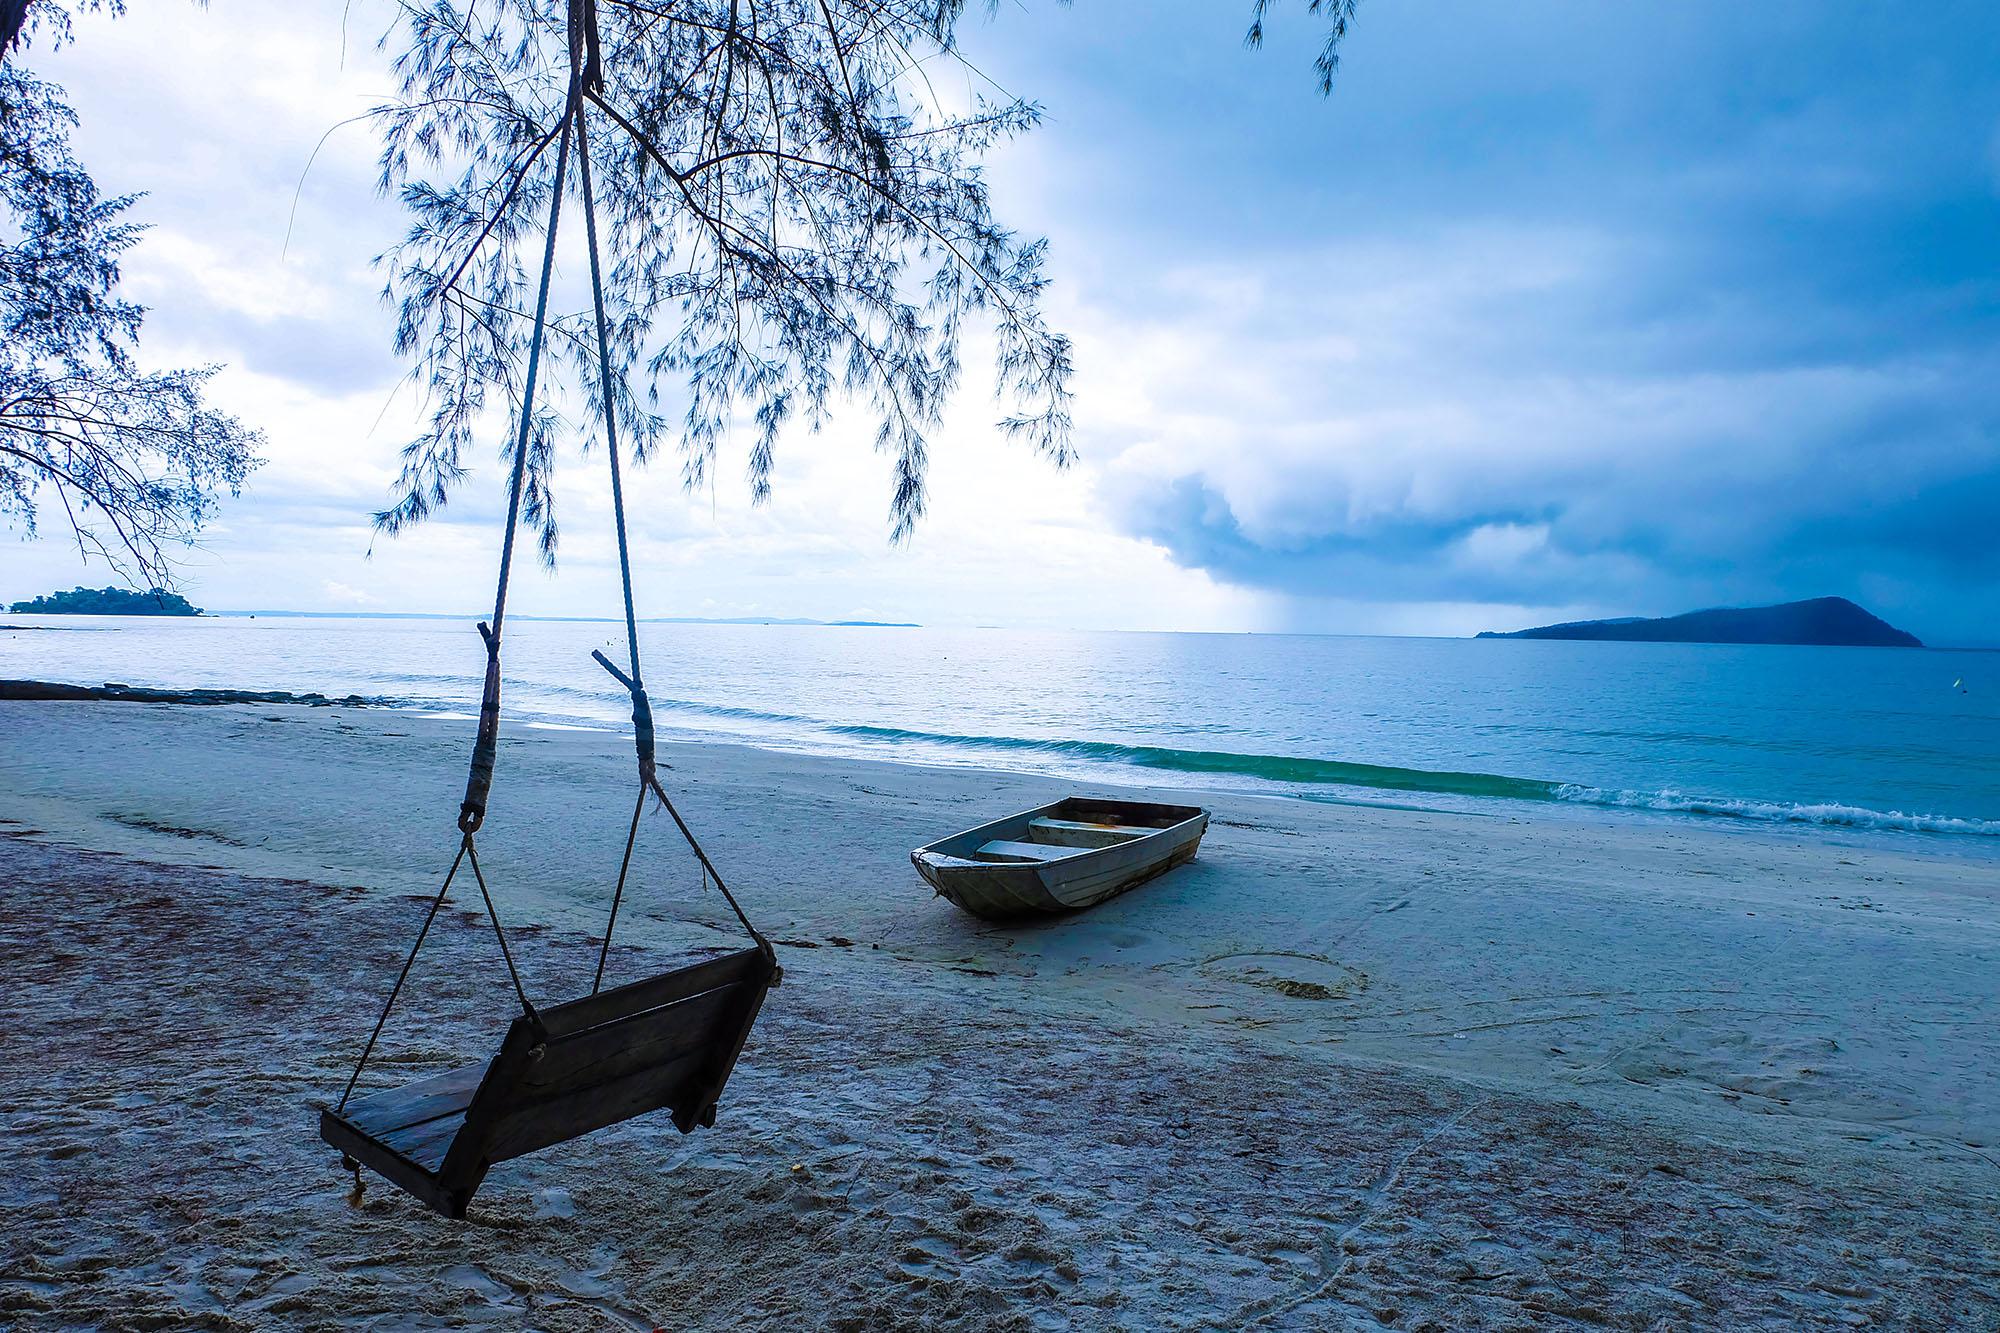 koh rong6 - Nên chọn đi đảo Koh Rong hay đảo Koh Rong Samloem?